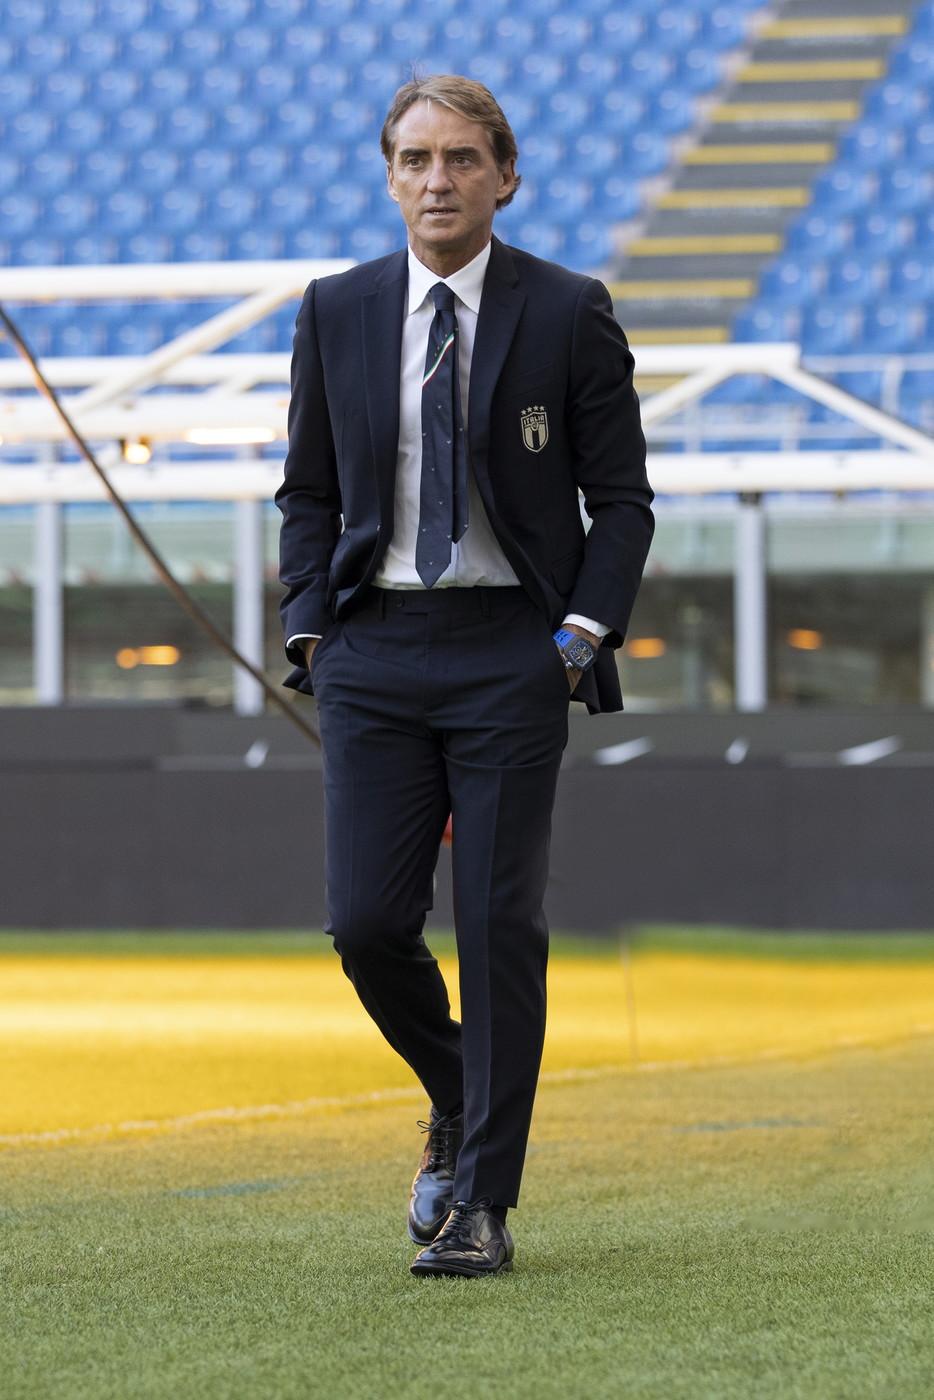 7) Roberto Mancini: 800 milioni di euro, Aguero-Manchester City colpo più costoso (41 milioni)